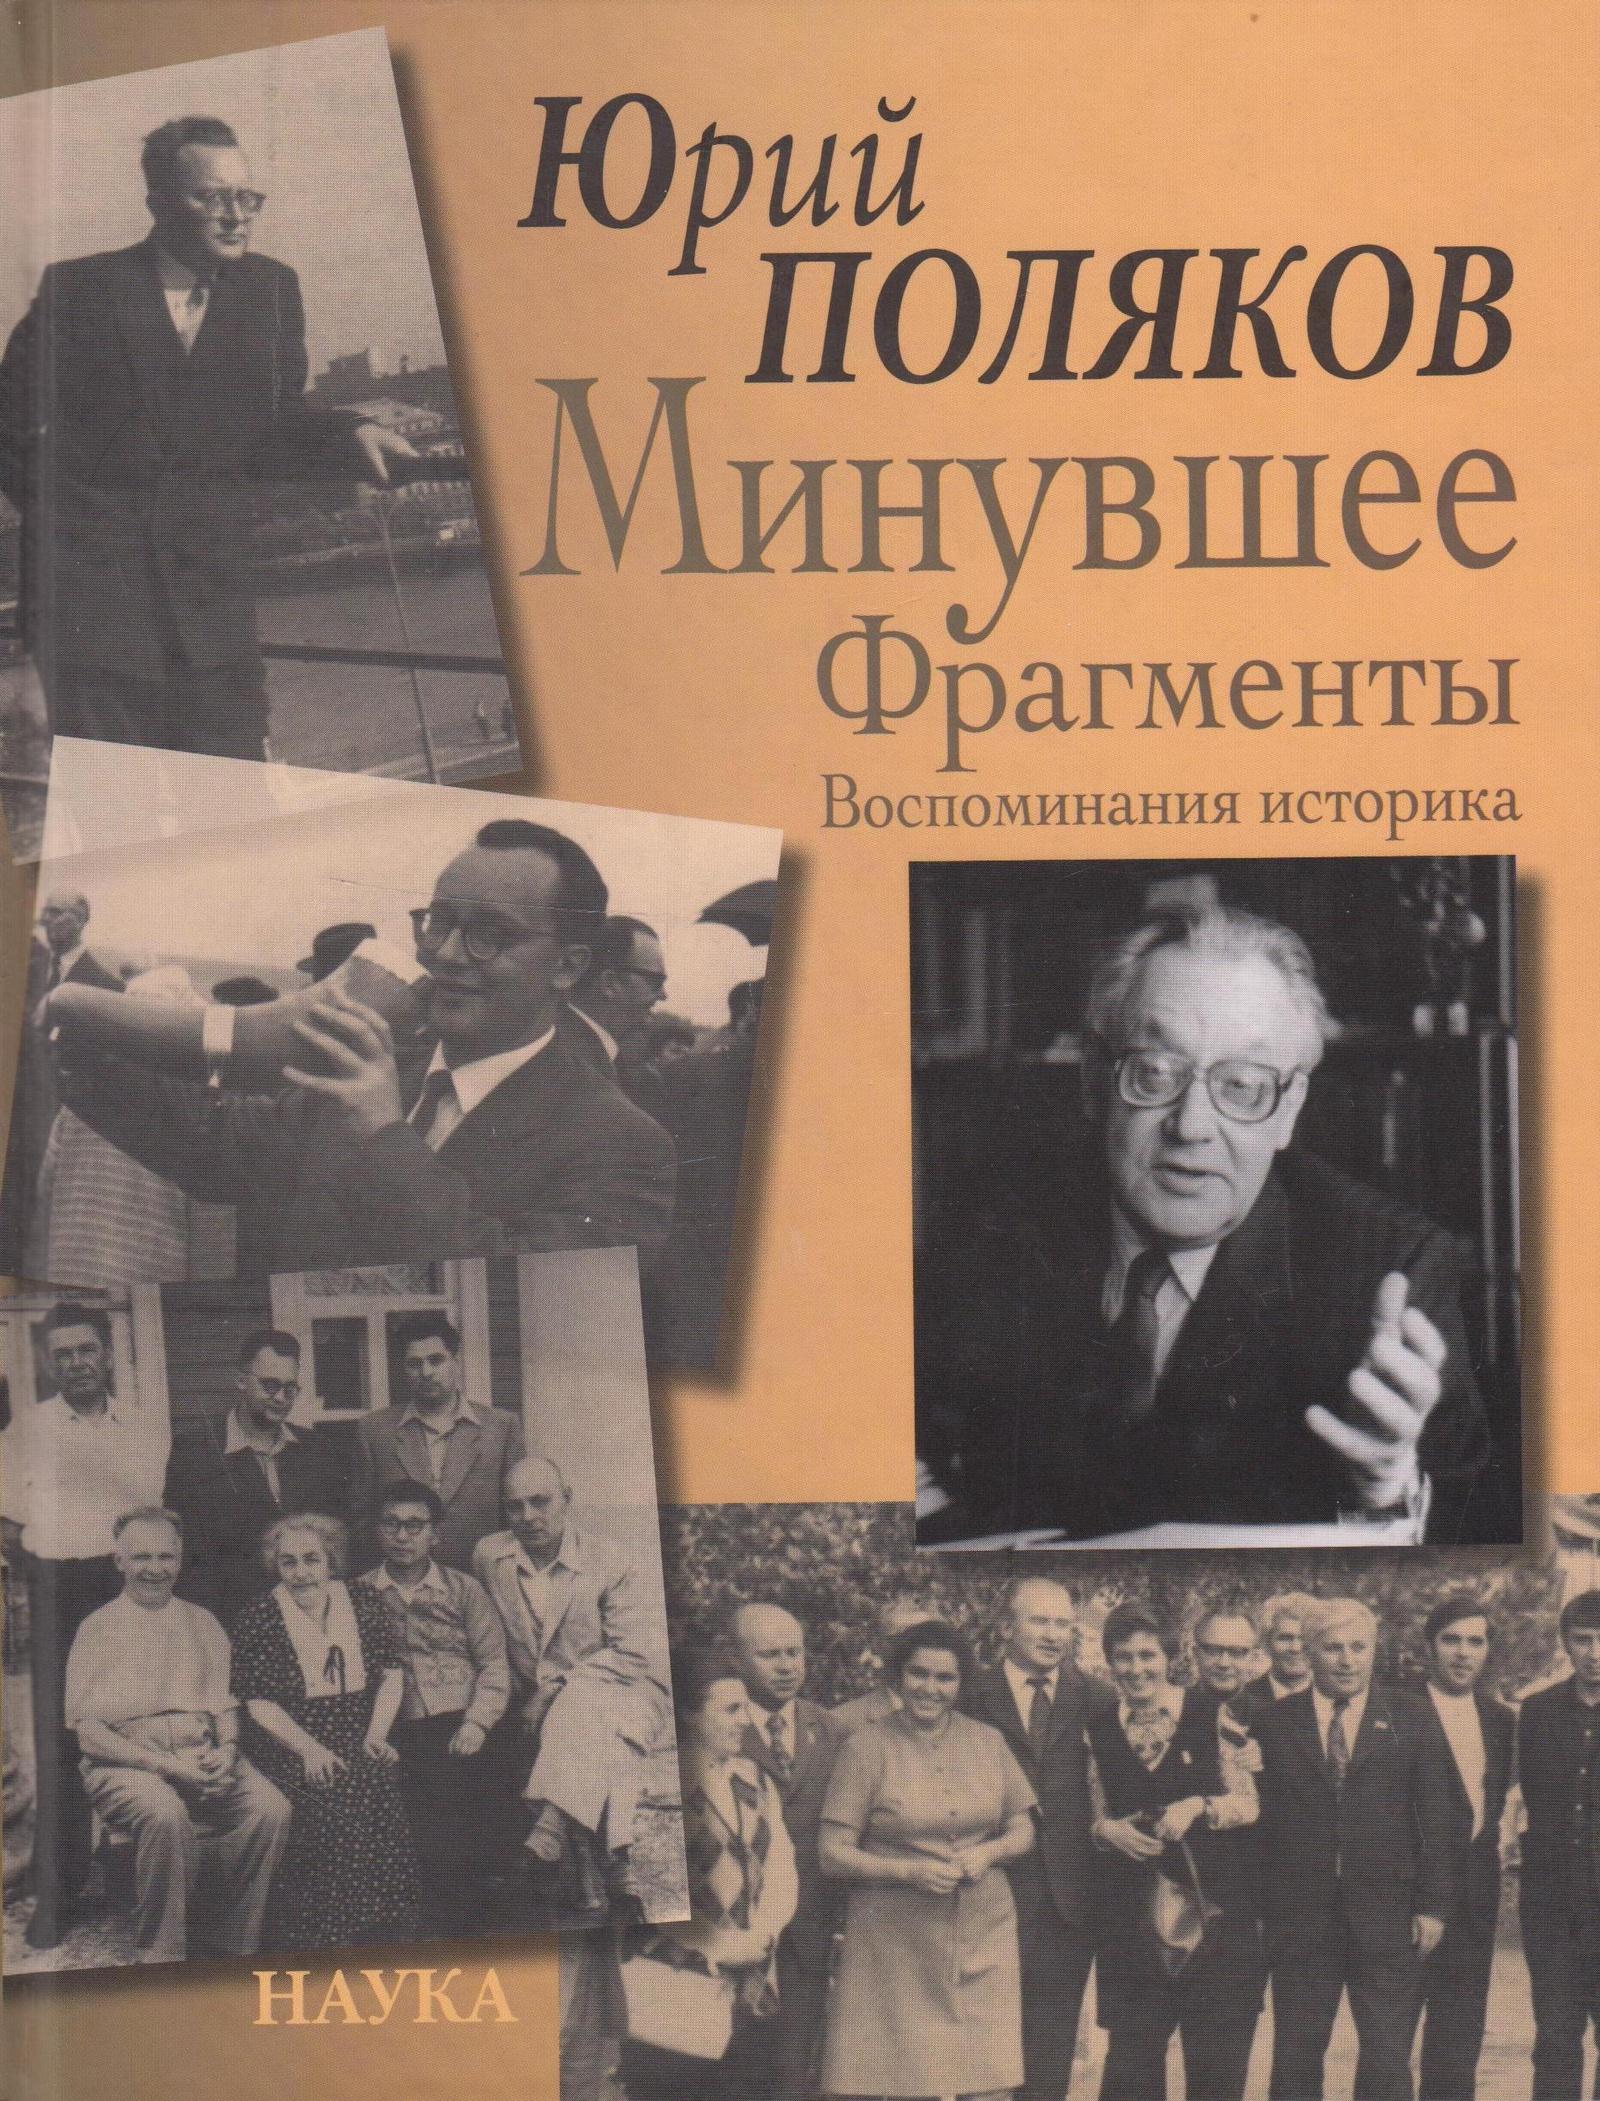 Поляков Юрий Александрович Минувшее. Фрагменты. Воспоминания историка